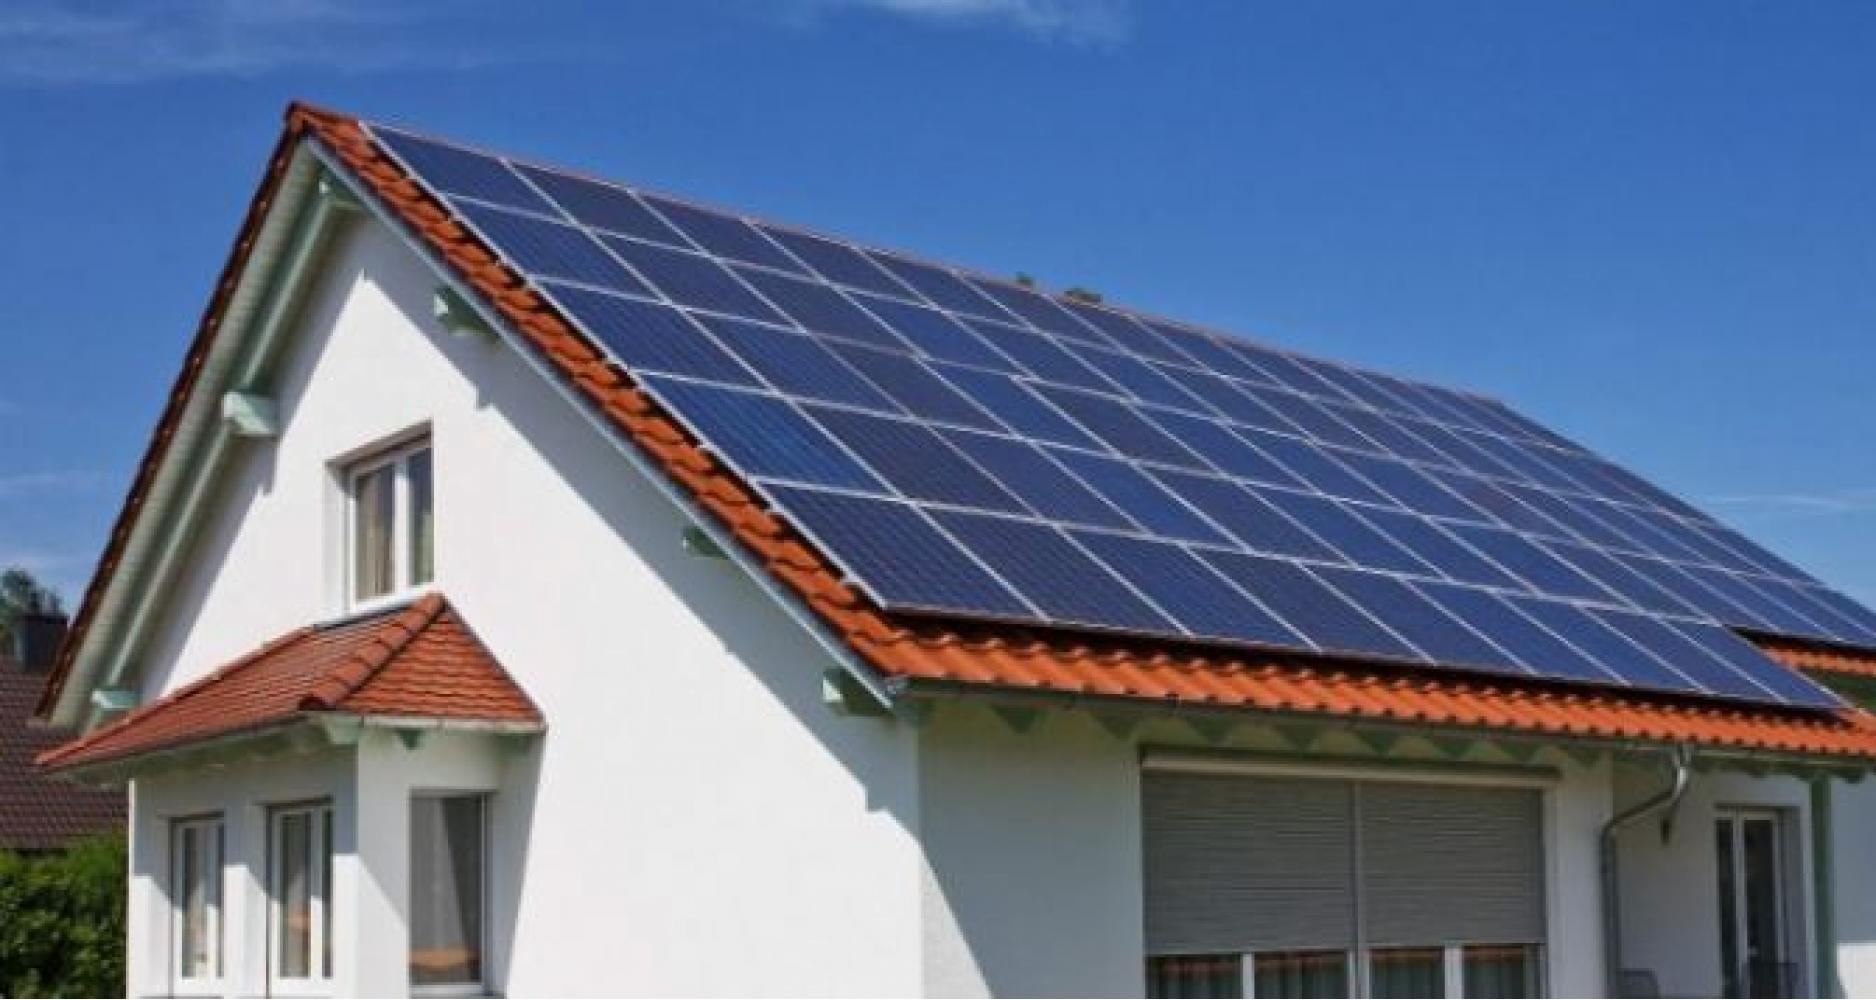 Как украинцы зарабатывают на солнечной электростанции?